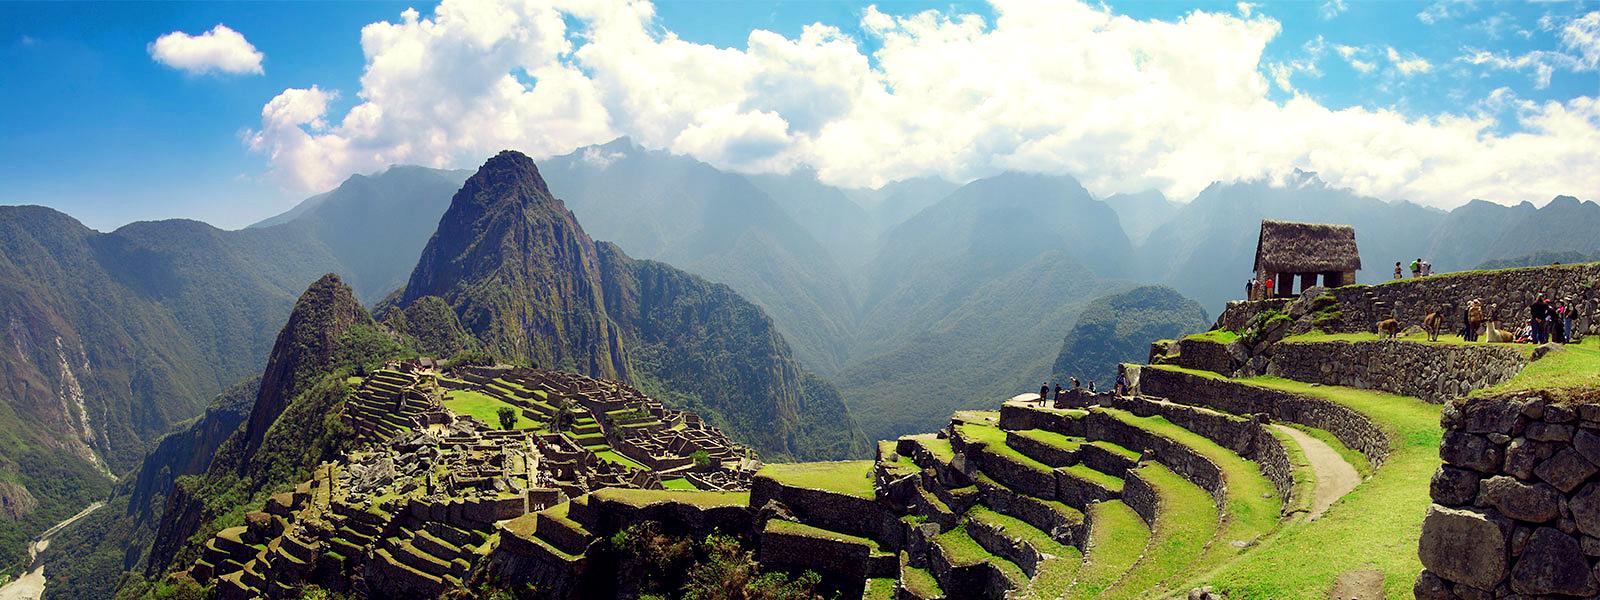 Machu Picchu,Montana, Peru